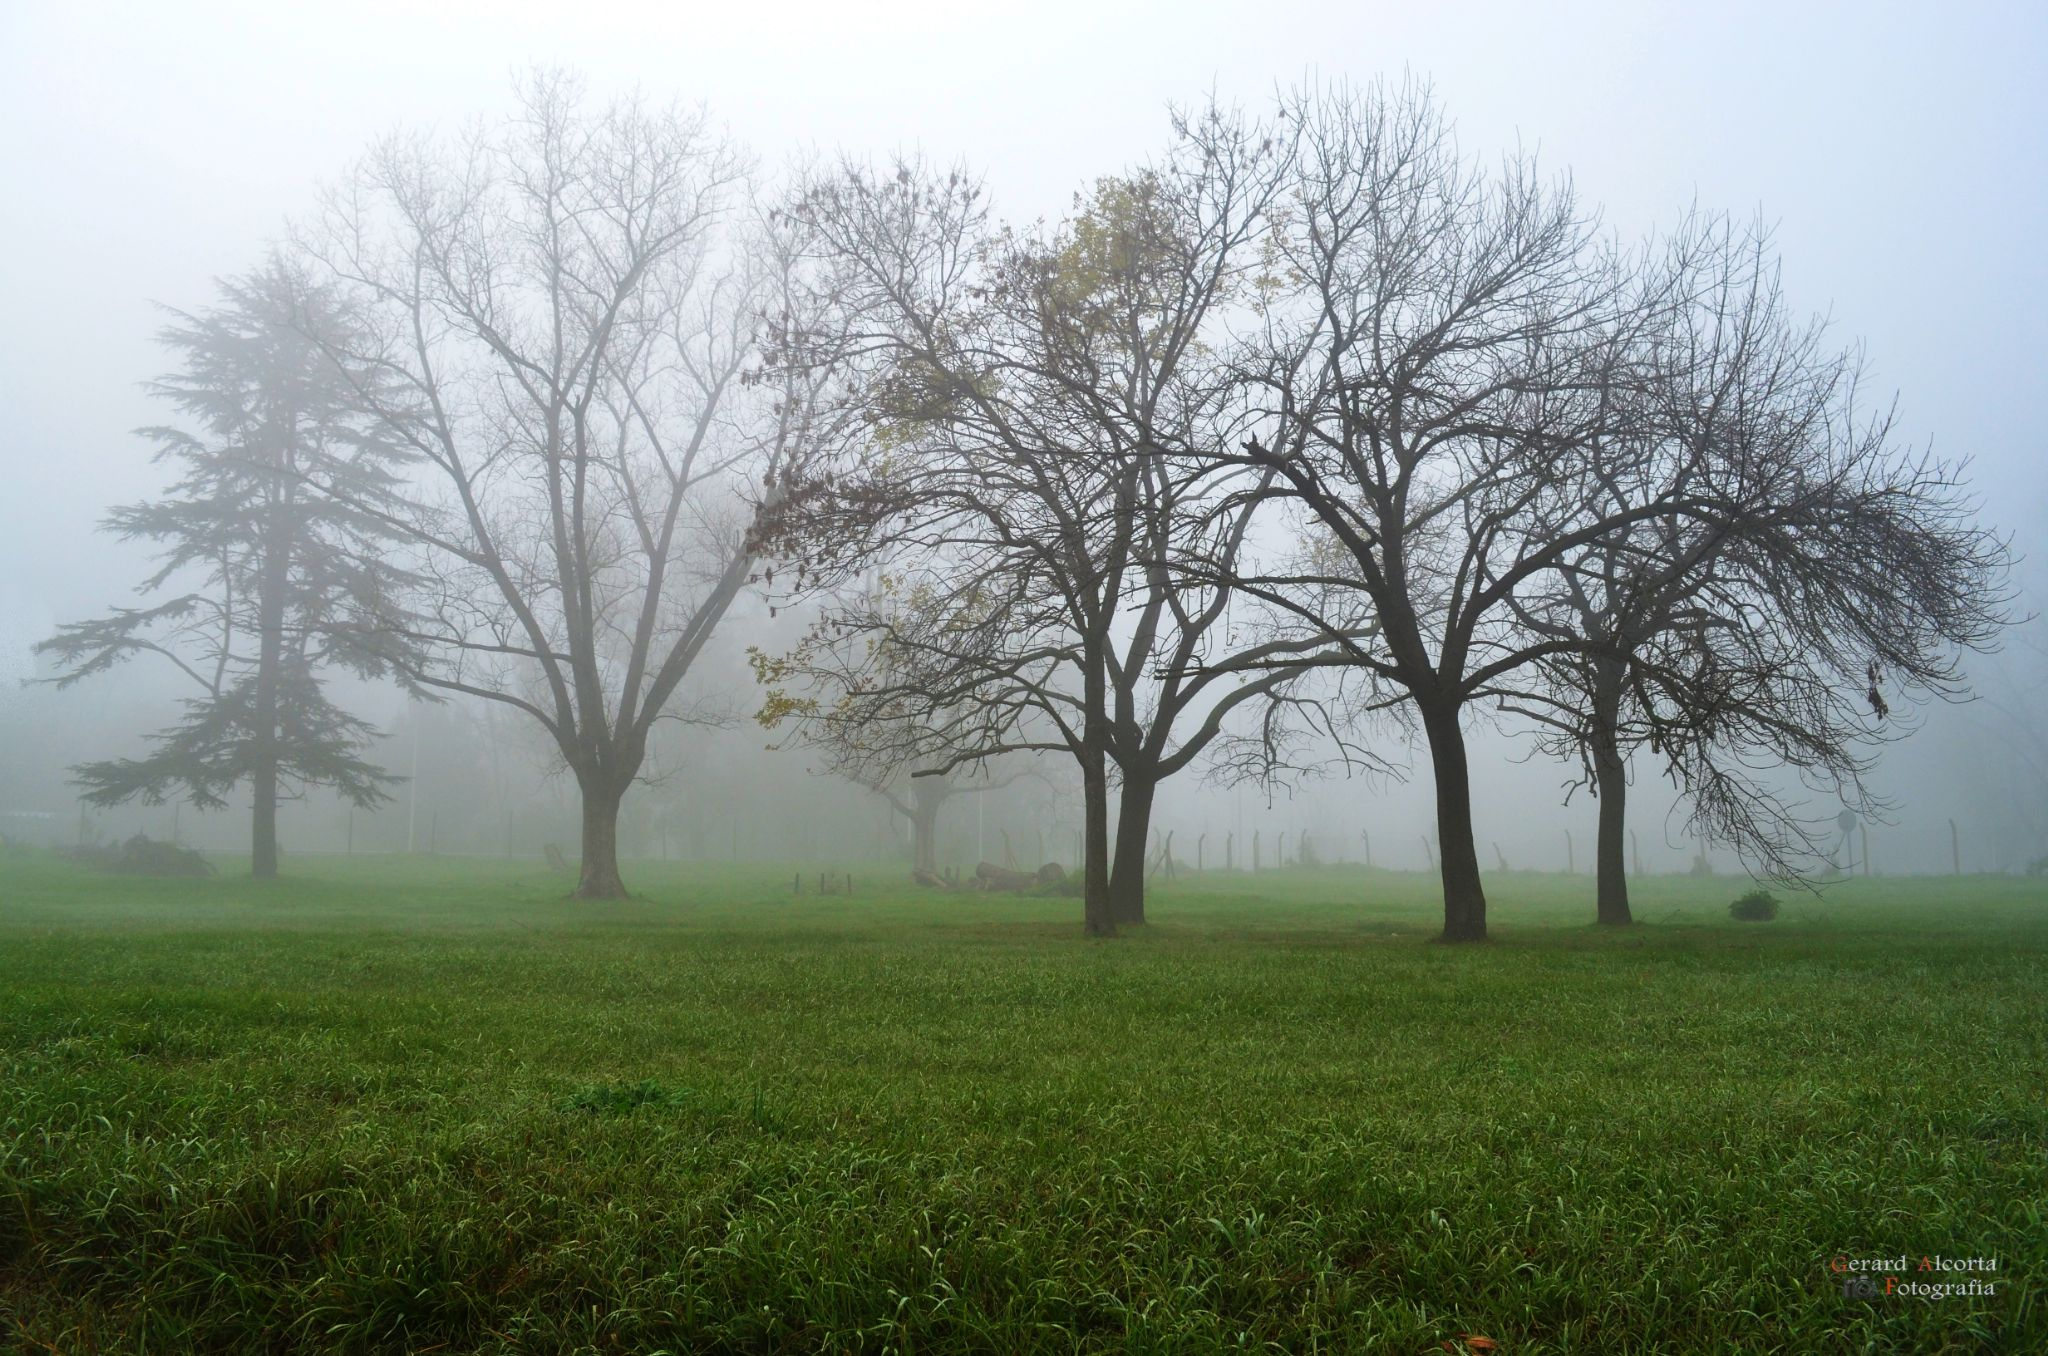 Niebla by gerard